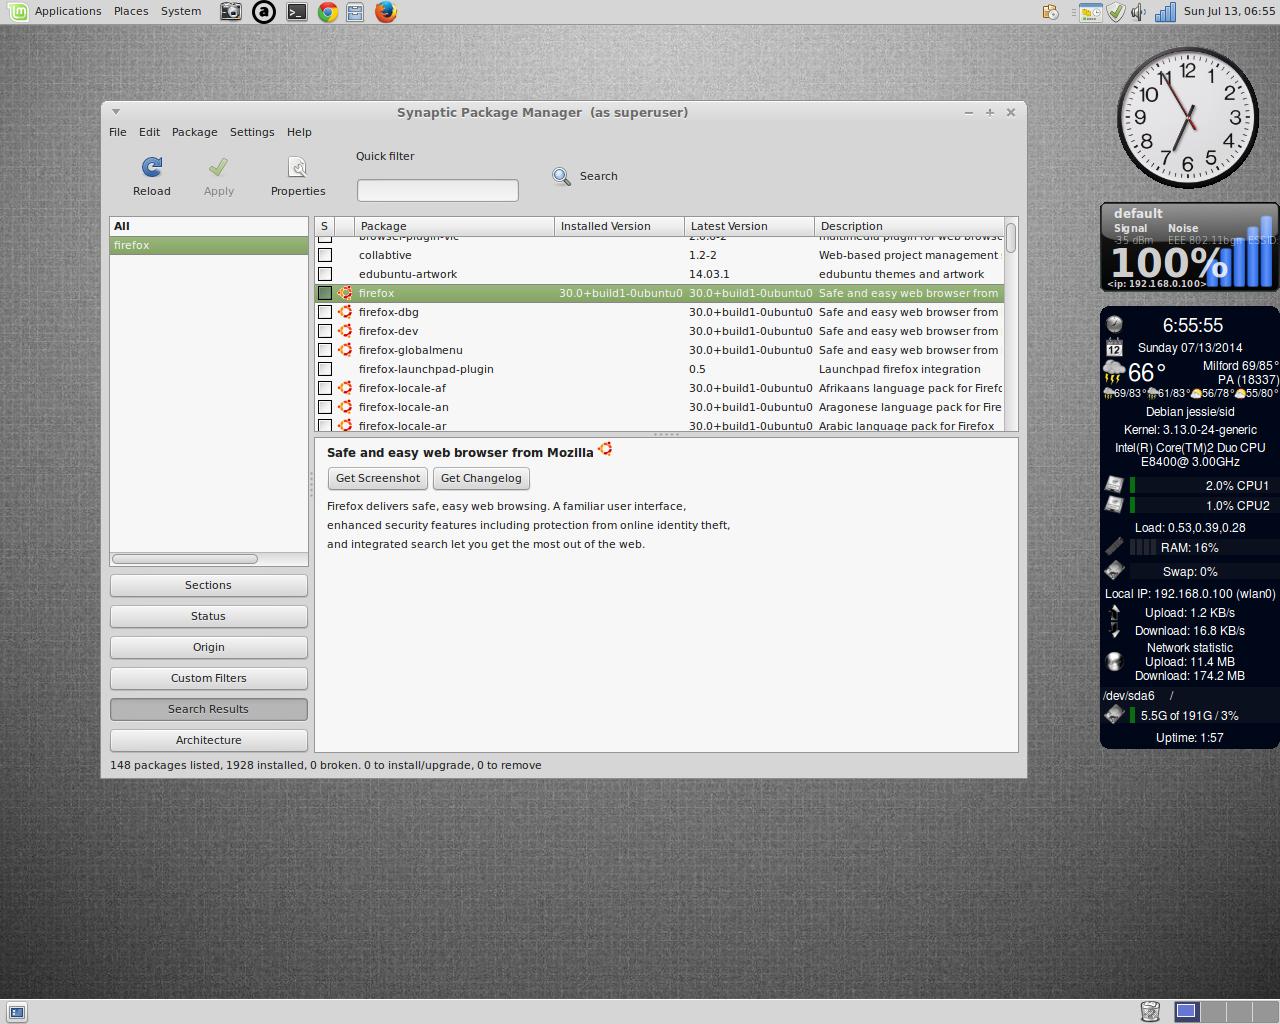 jfn linux project: Linux Mint 17 Mate